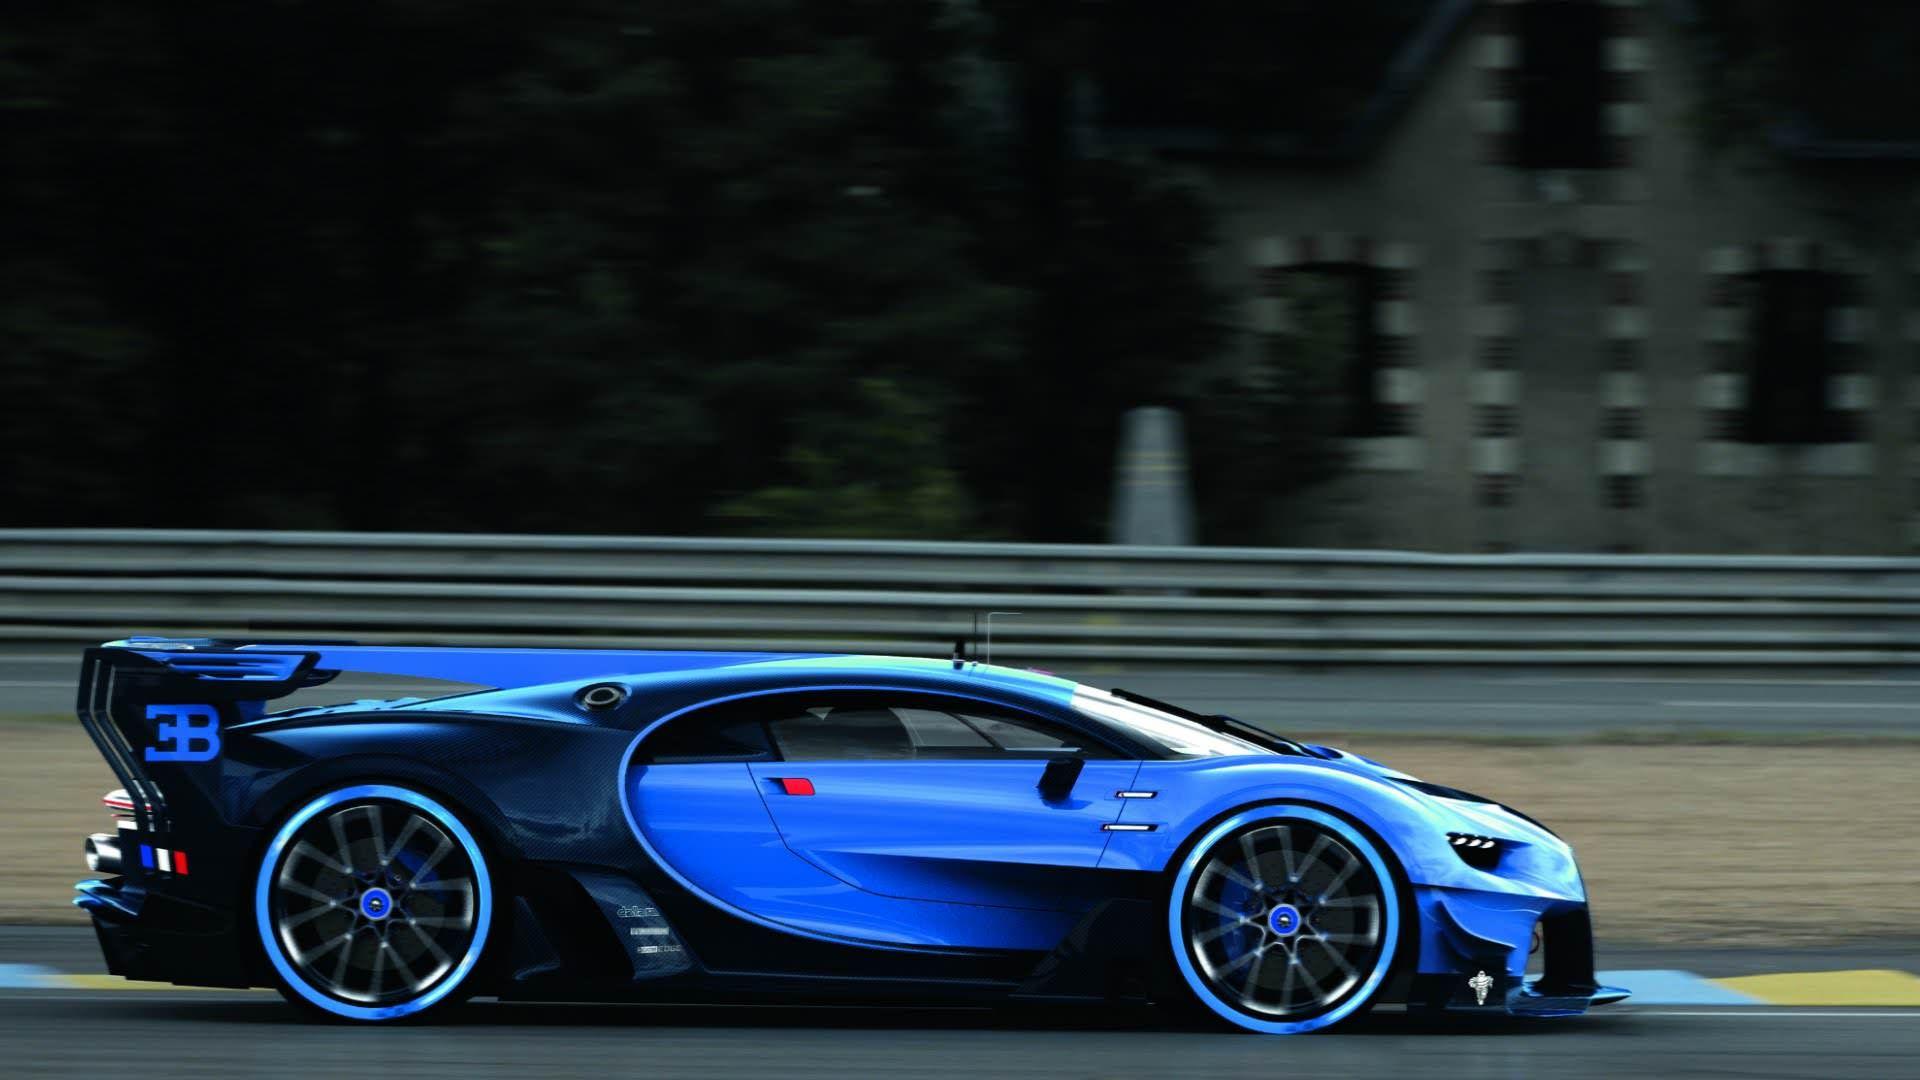 Bugatti Vision Gran Turismo 1920 1080 Bugatti Bugatti Vision Gt Bugatti Chiron